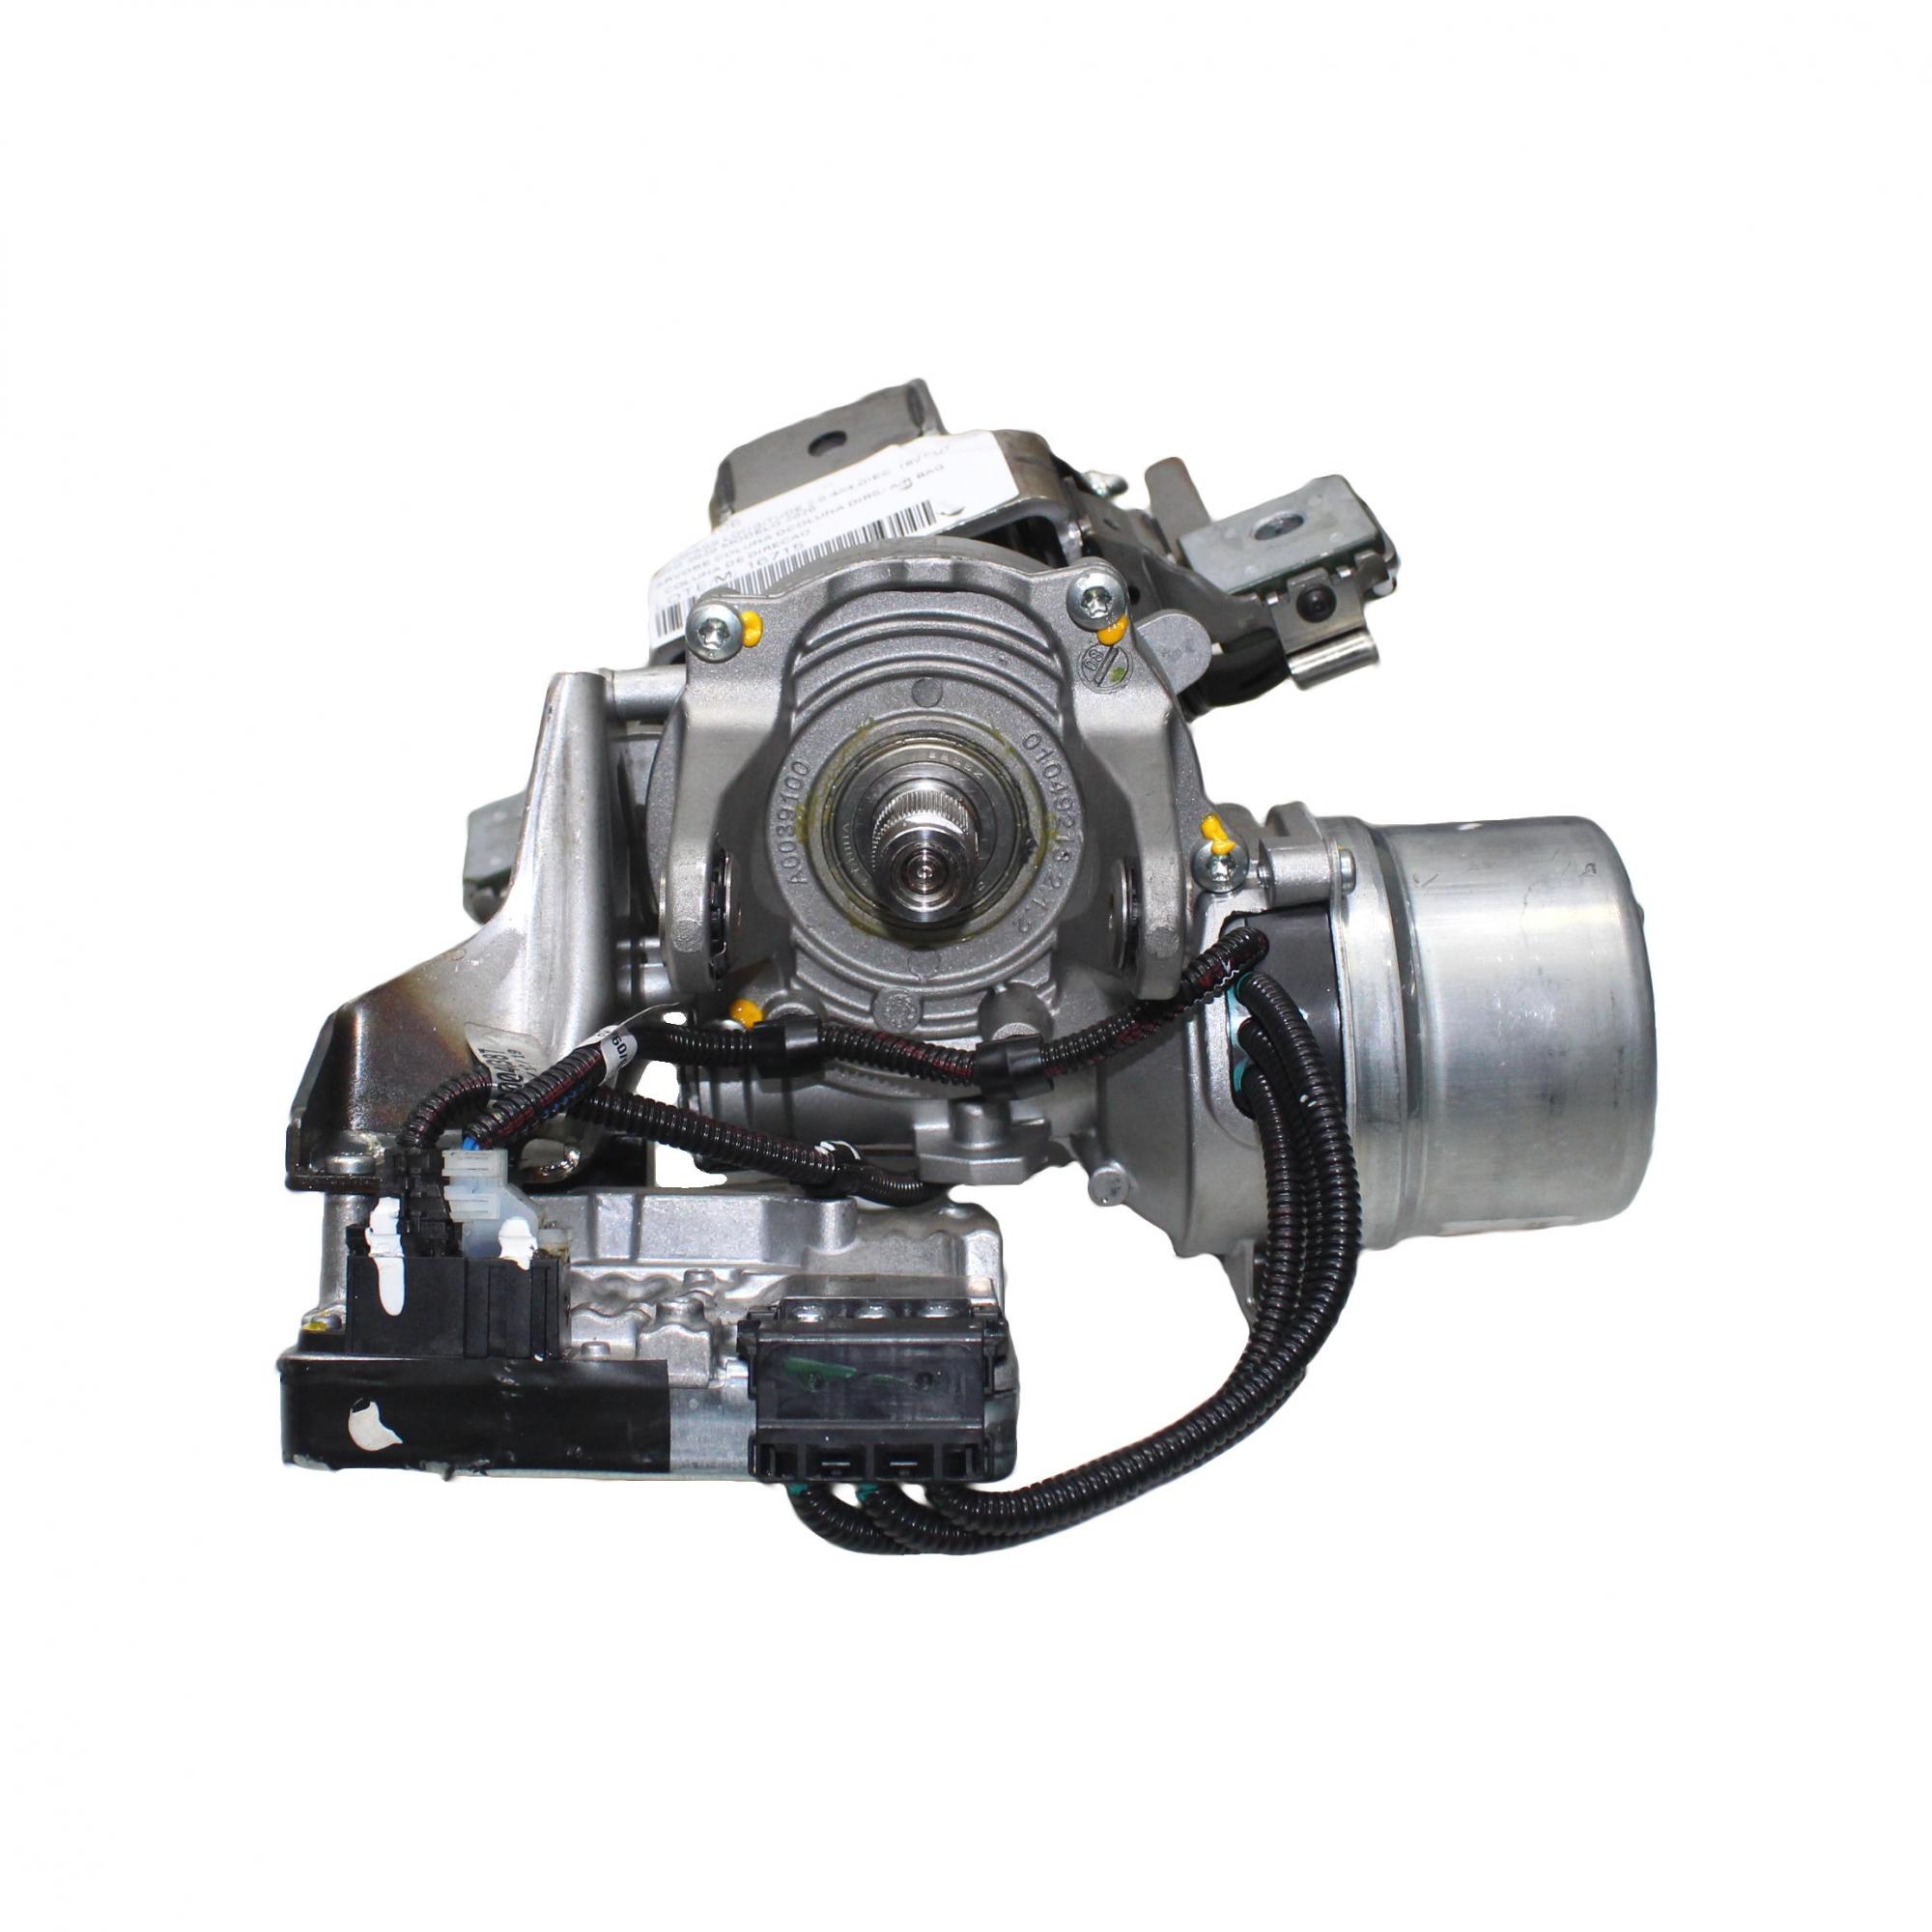 Motor Coluna Direção Elétrica TRW Jeep Compass Diesel 4x4 2020 53415106